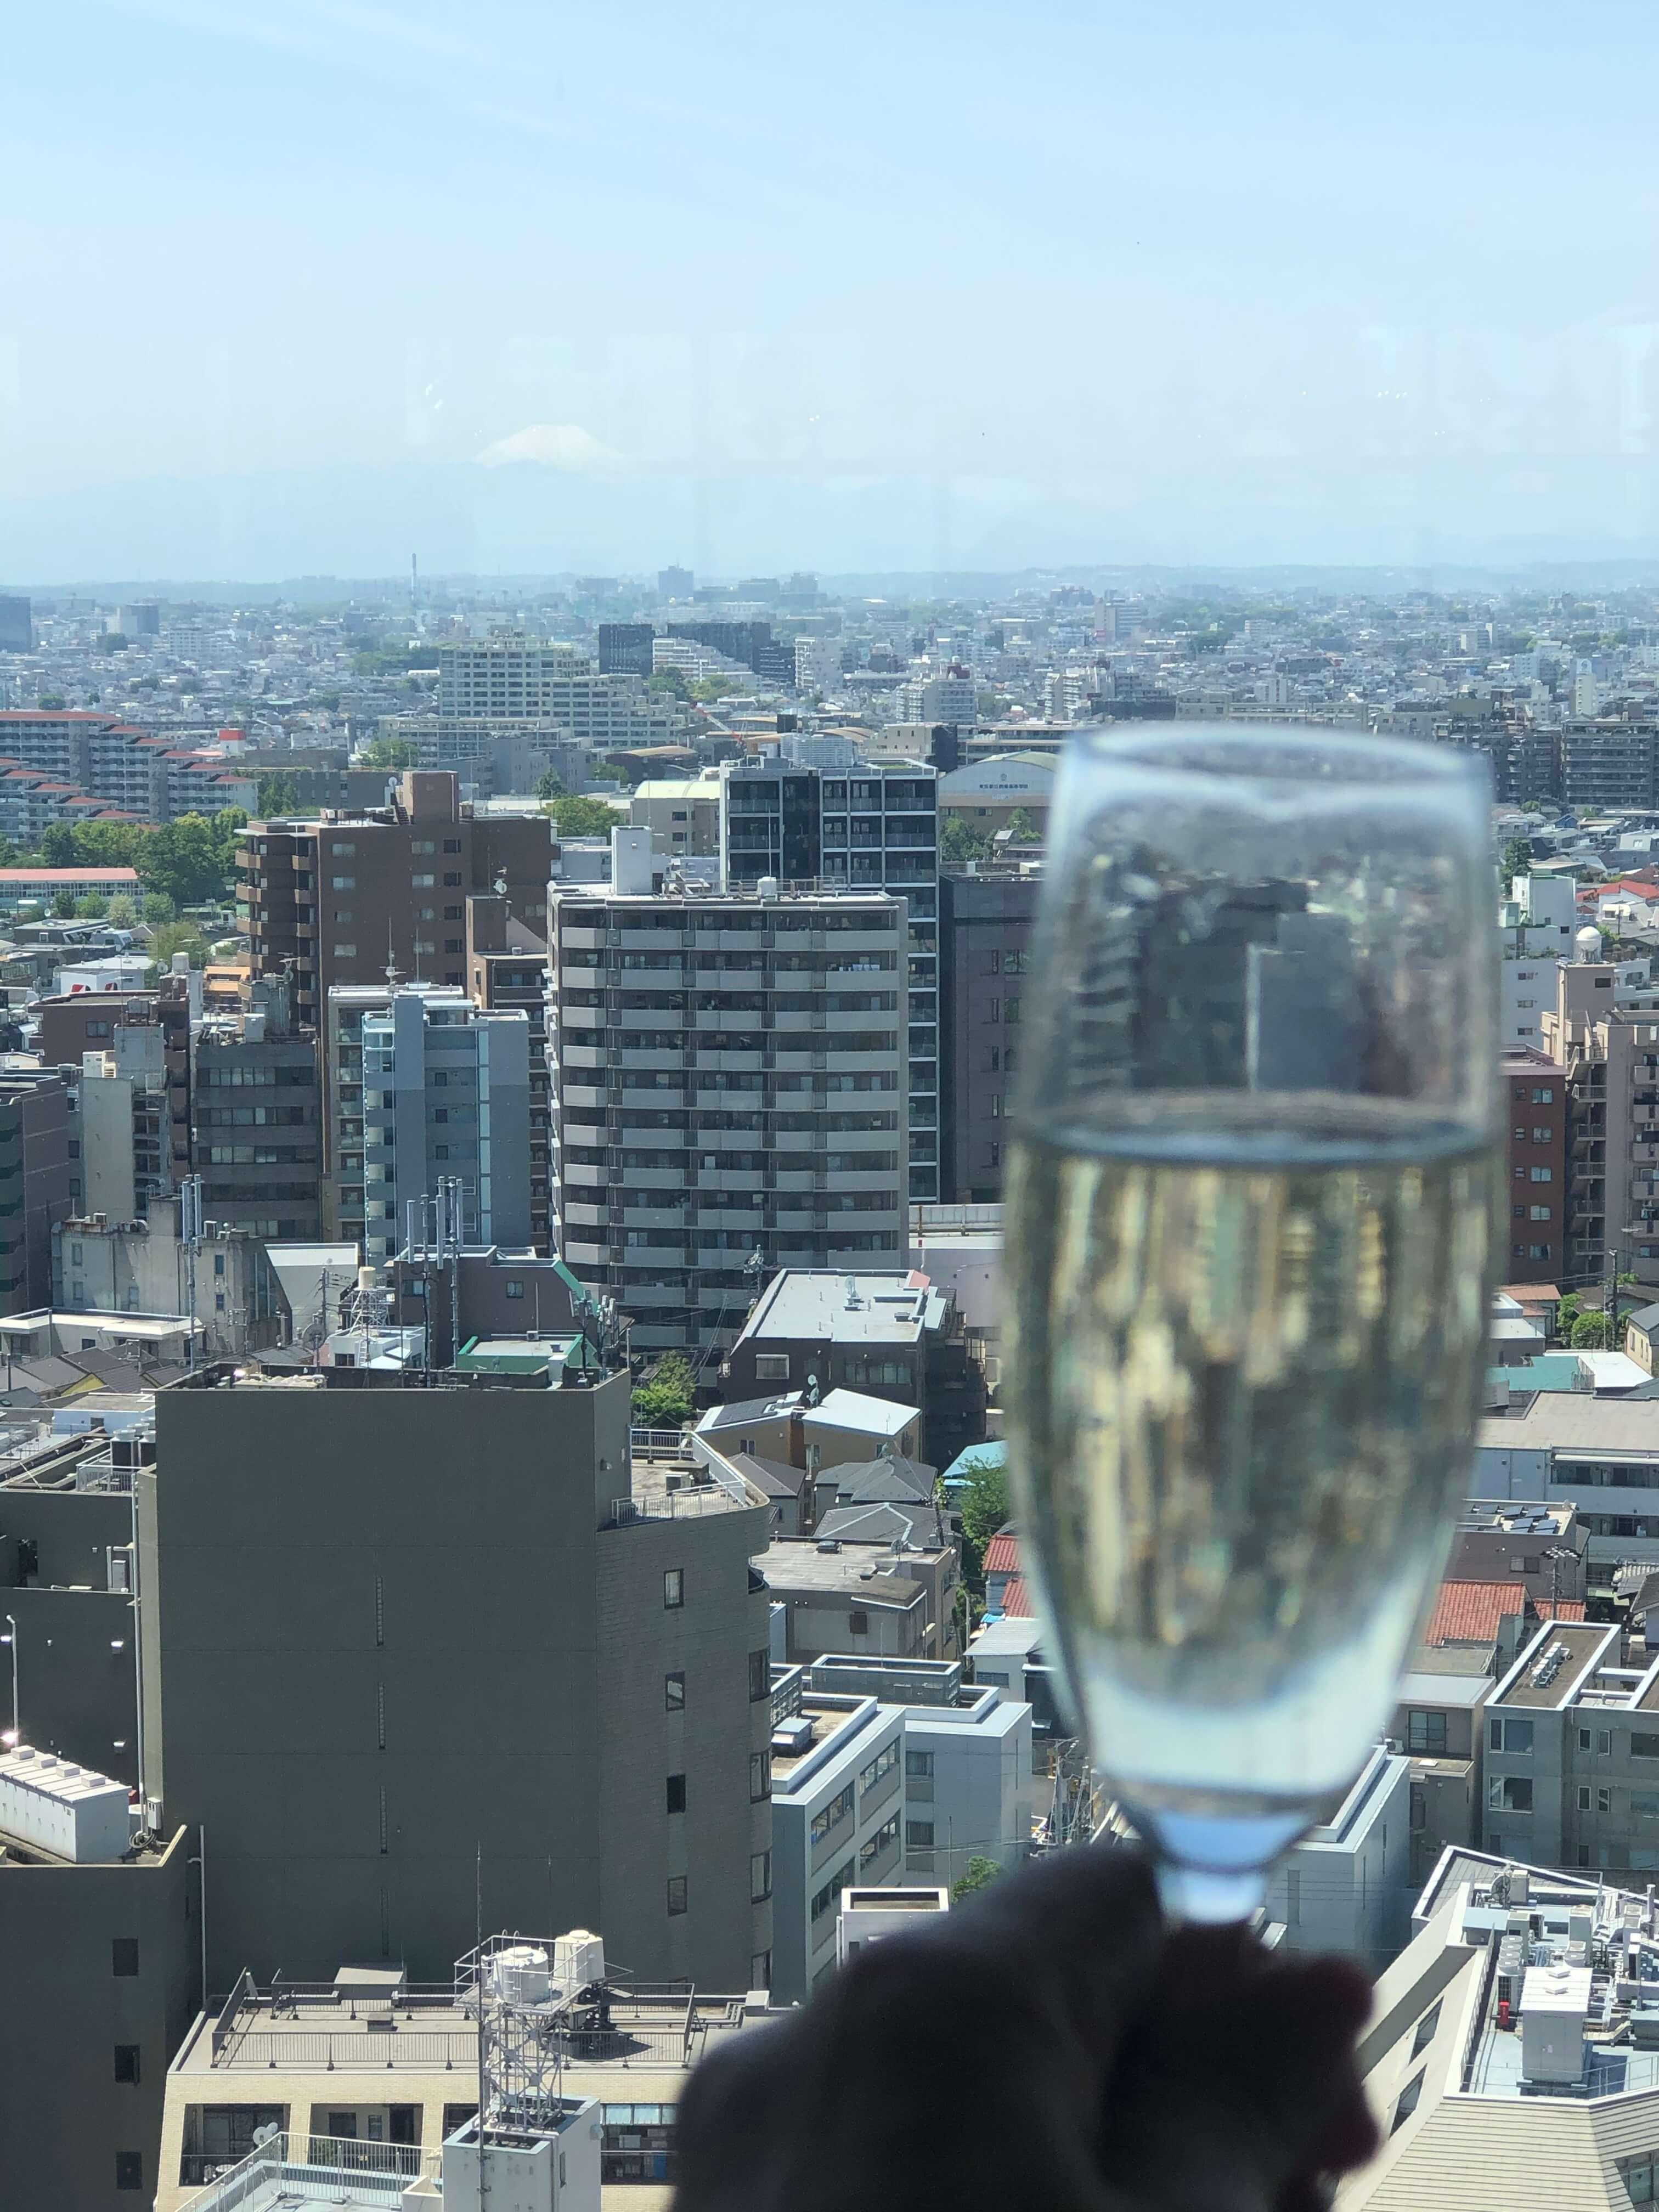 15階からの眺めのいい景色。この日はラッキーにも富士山が見えています。